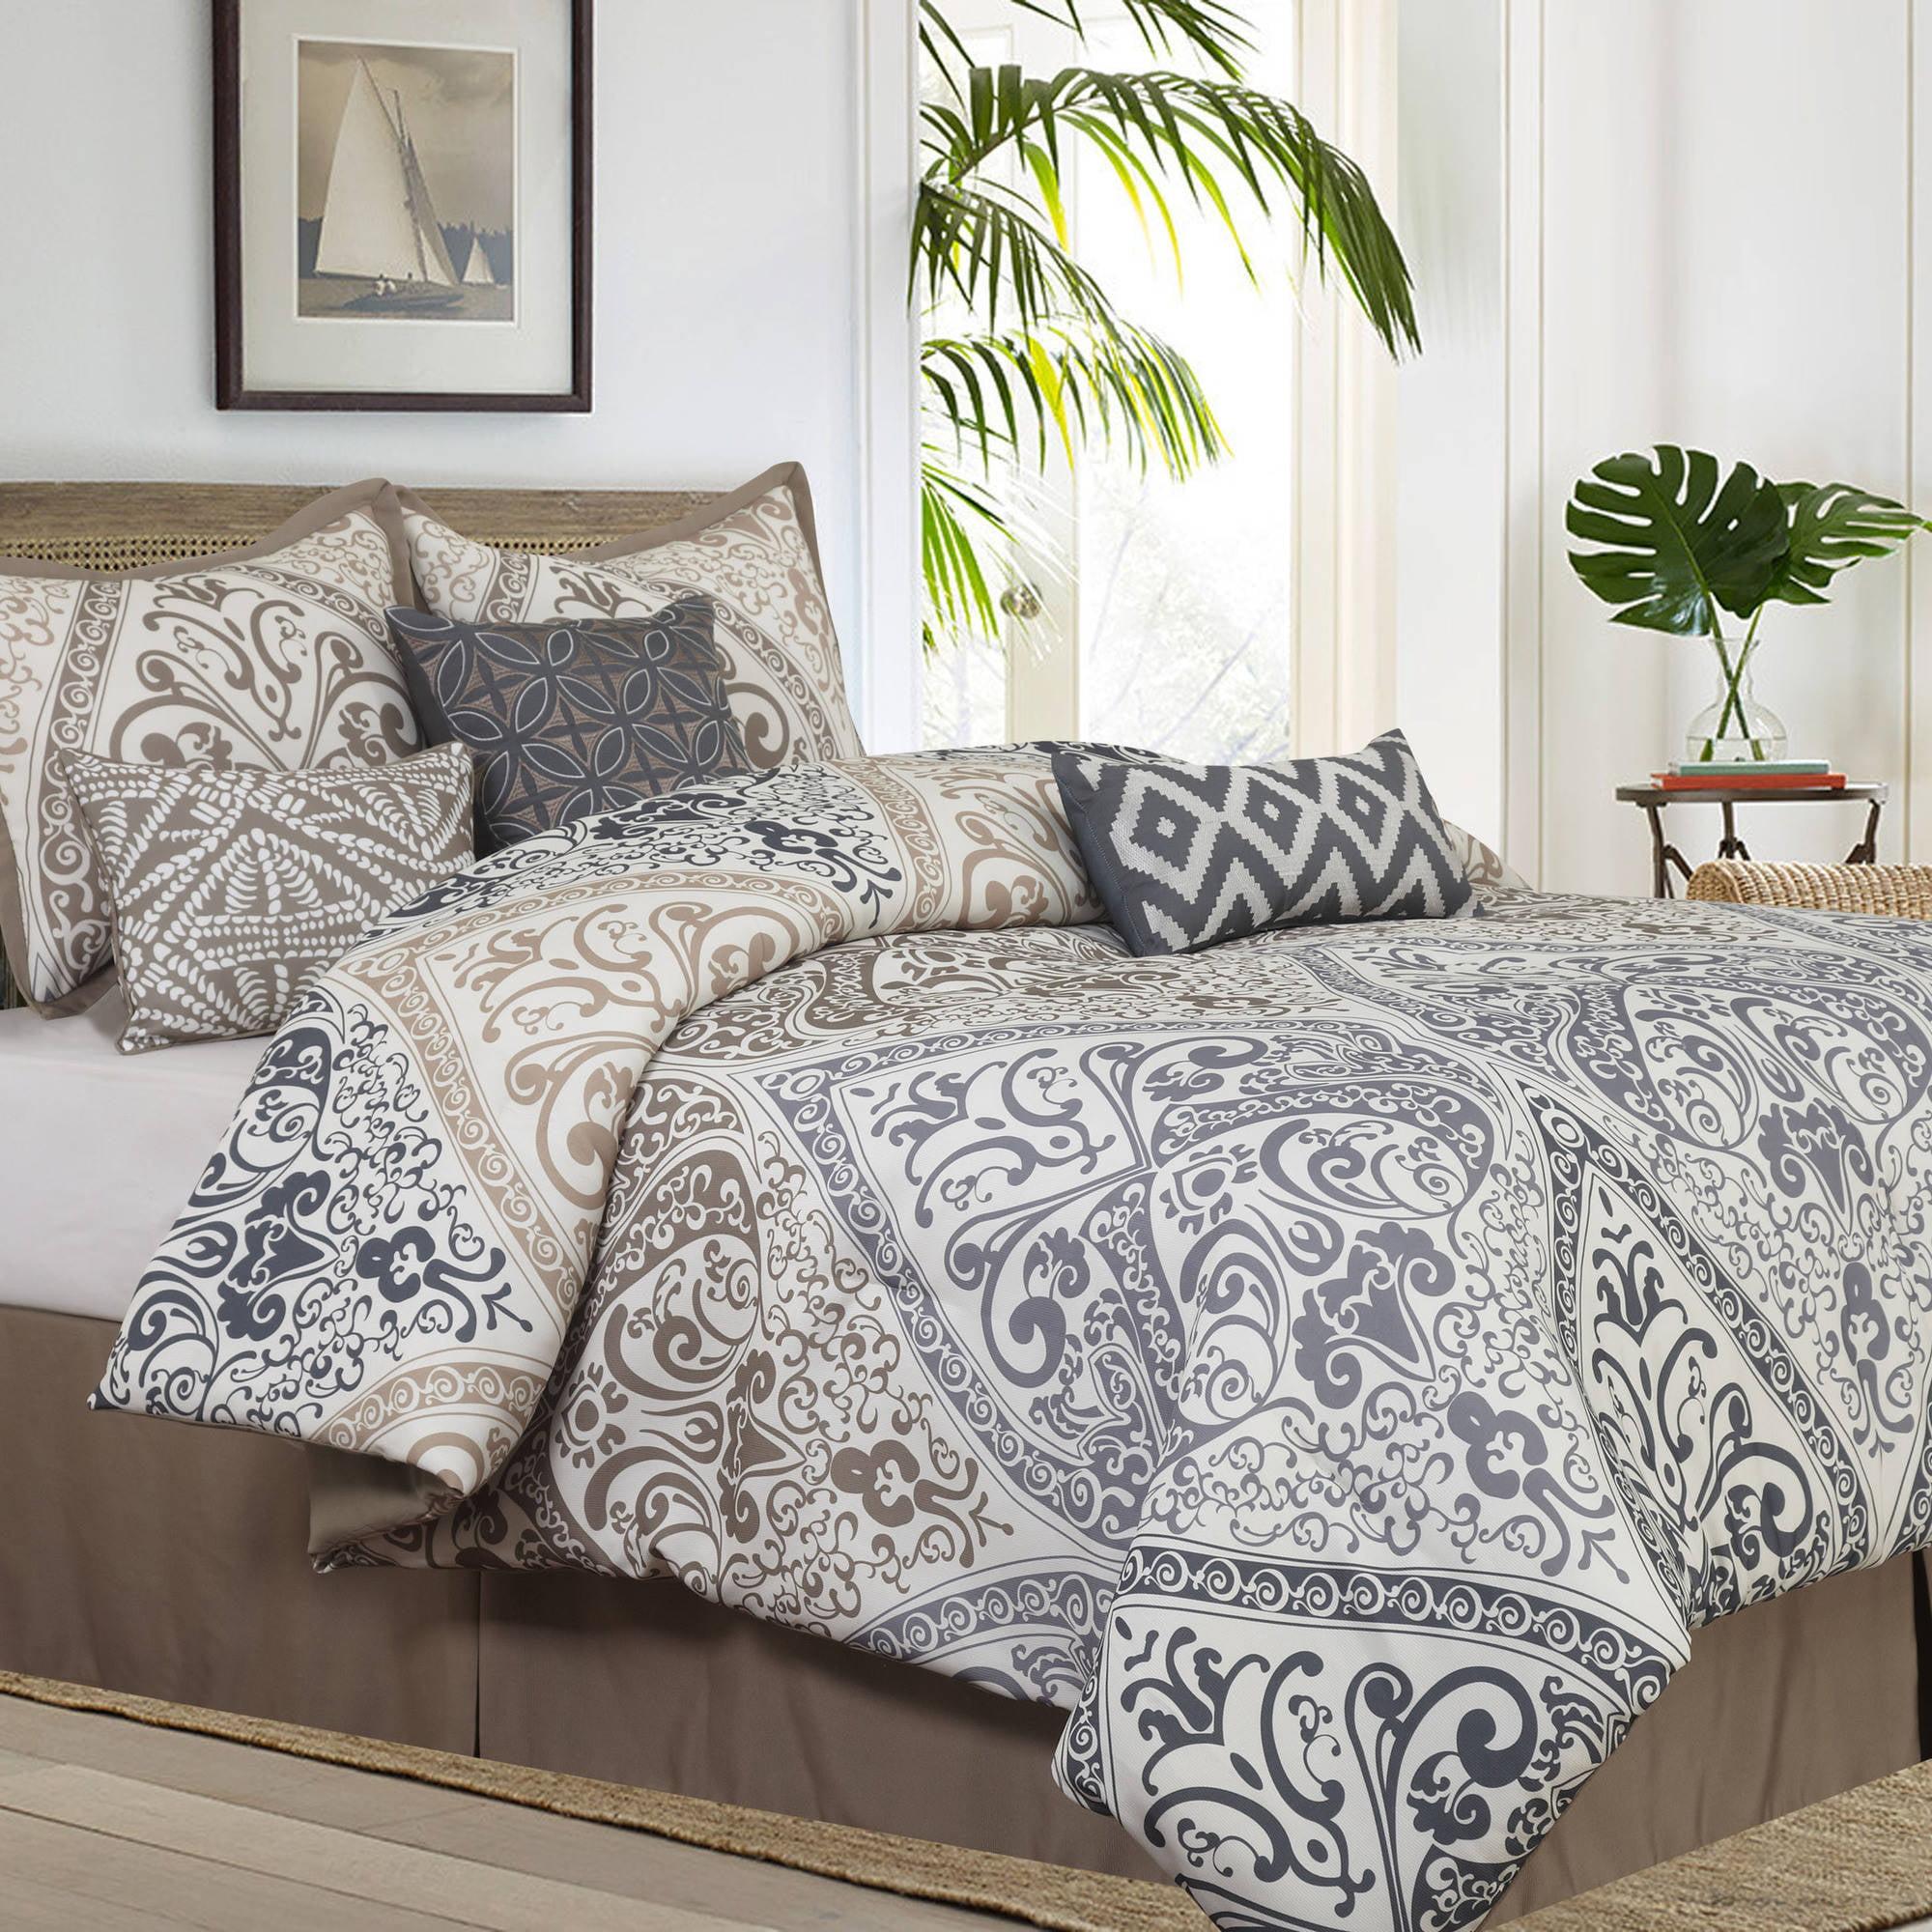 Nanshing FARREN 7-Piece Bedding Comforter Set